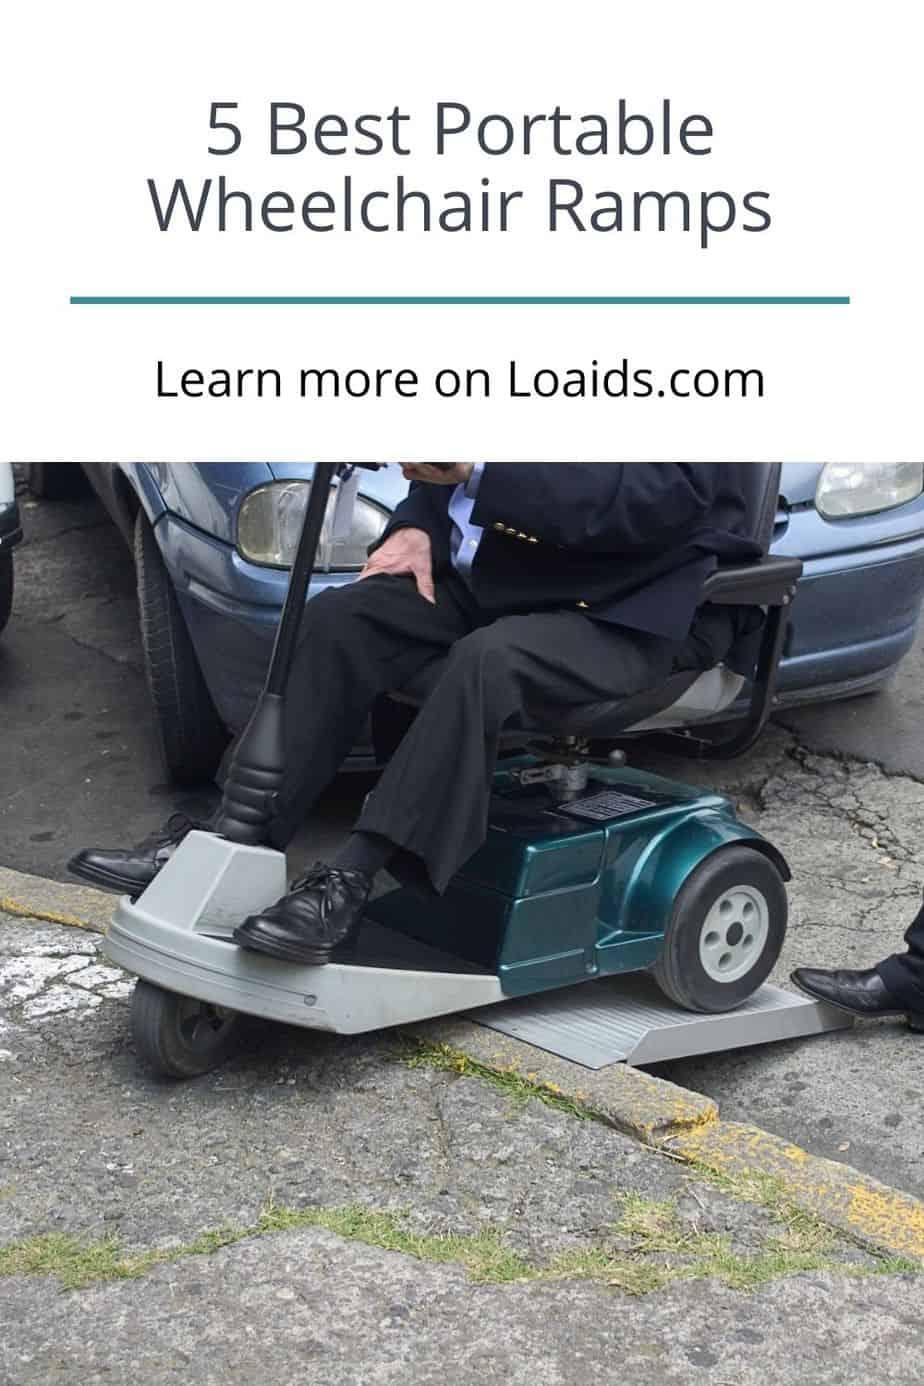 a man using a wheelchair ramp